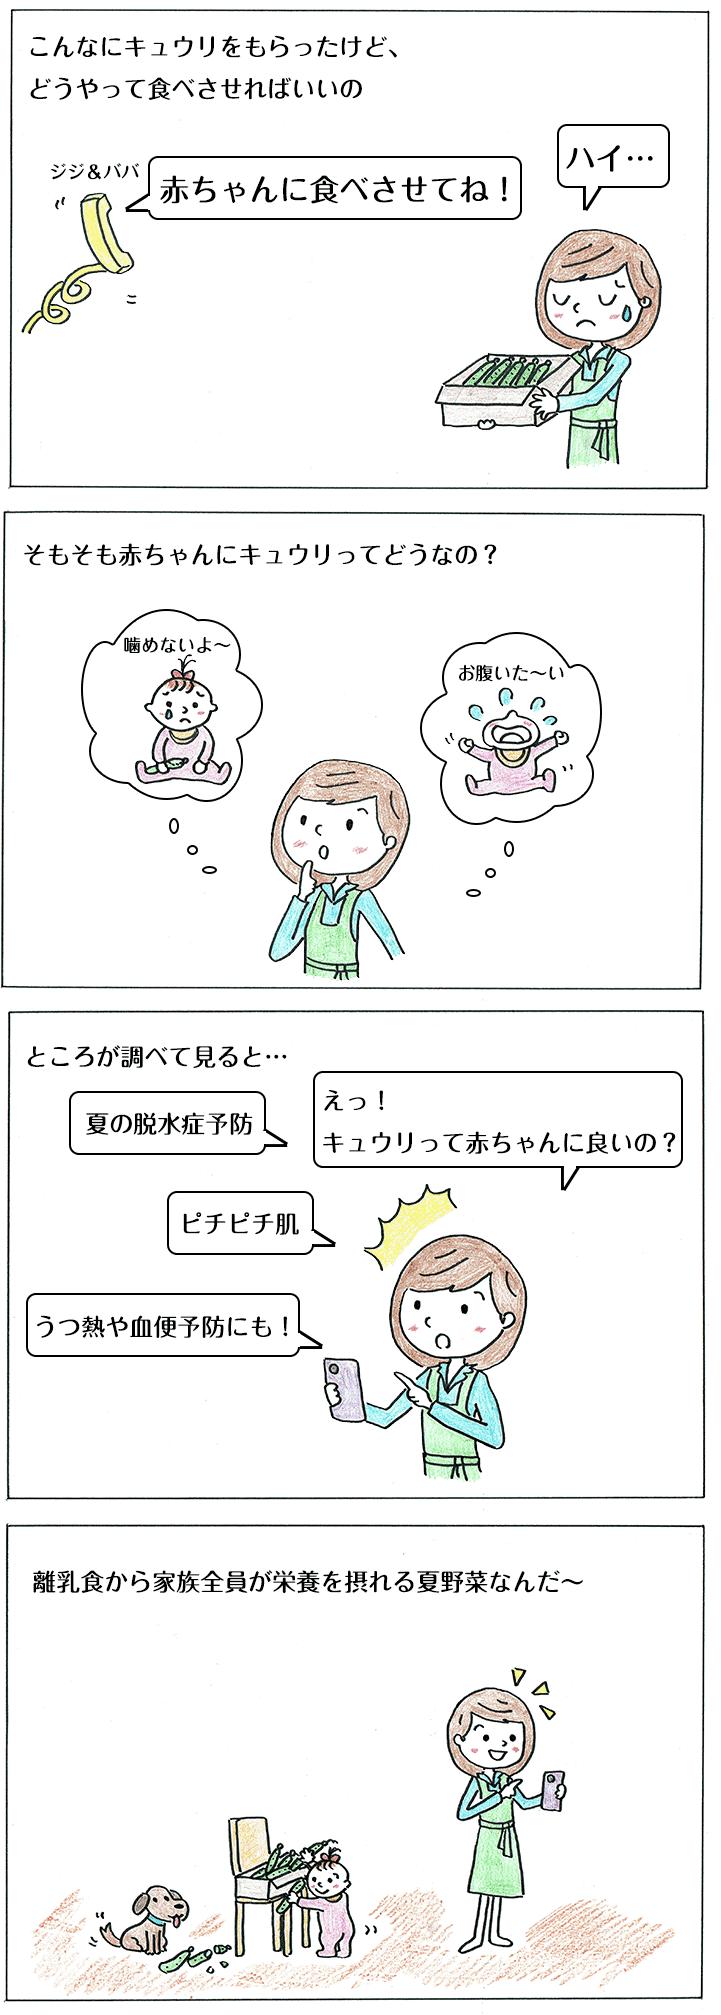 離乳食のきゅうりに関する子育て4コマ漫画